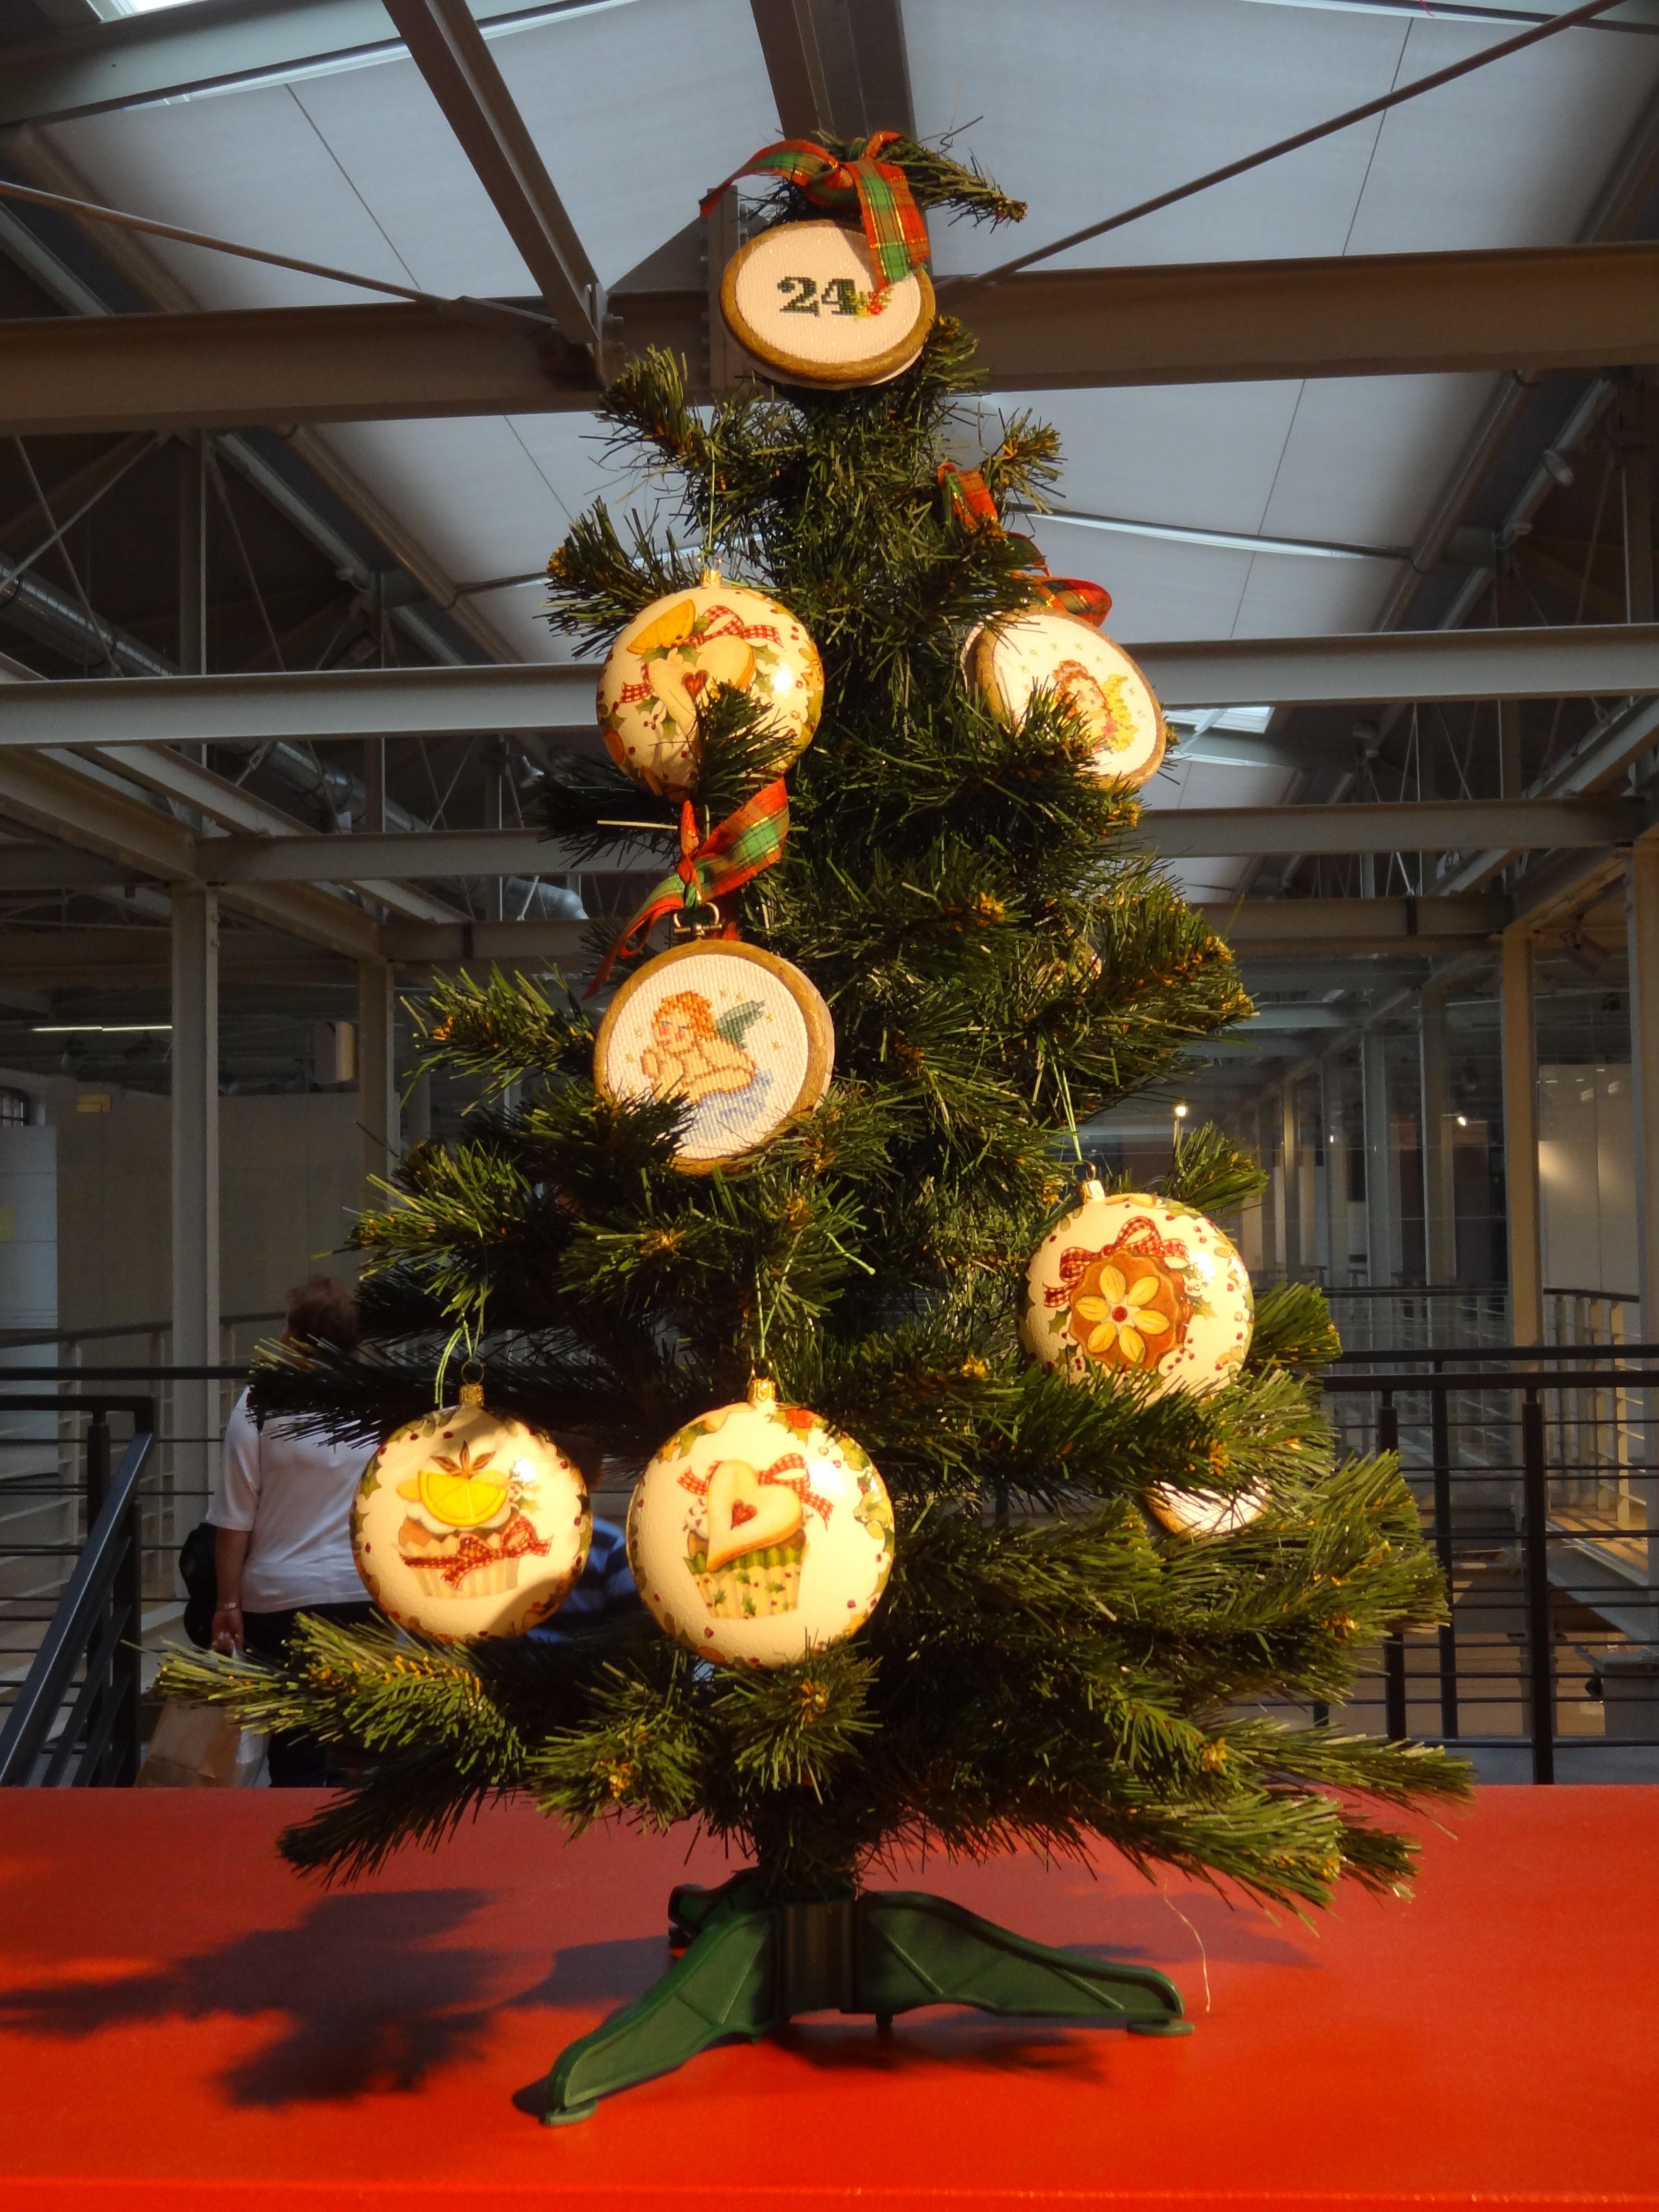 """Cudownych,białych,miłych,radosnych pogodnych,spokojnych,zdrowych Świąt Bożego Narodzenia upływających we wspaniałej atmosferze a oprócz tego pasma pomyślności i spełnienia najskrytszych marzeń w nadchodzącym roku 2015 życzą członkowie Stowarzyszenia Miłośników Haftu """"KANWA"""""""